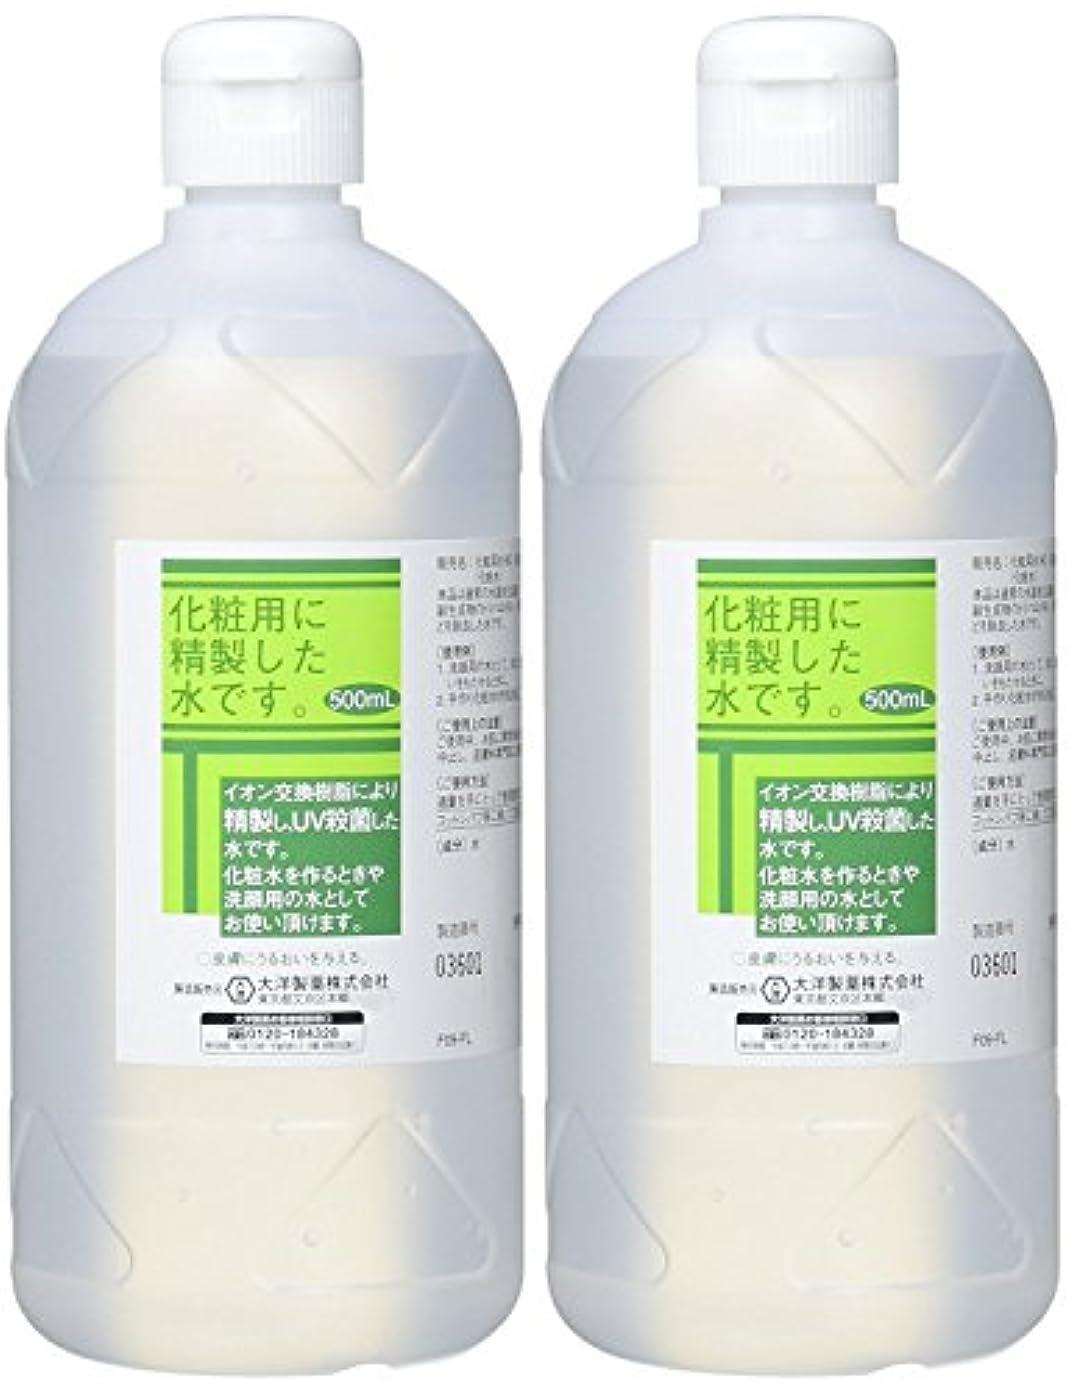 パン脅かす白鳥化粧用 精製水 HG 500ml×2個